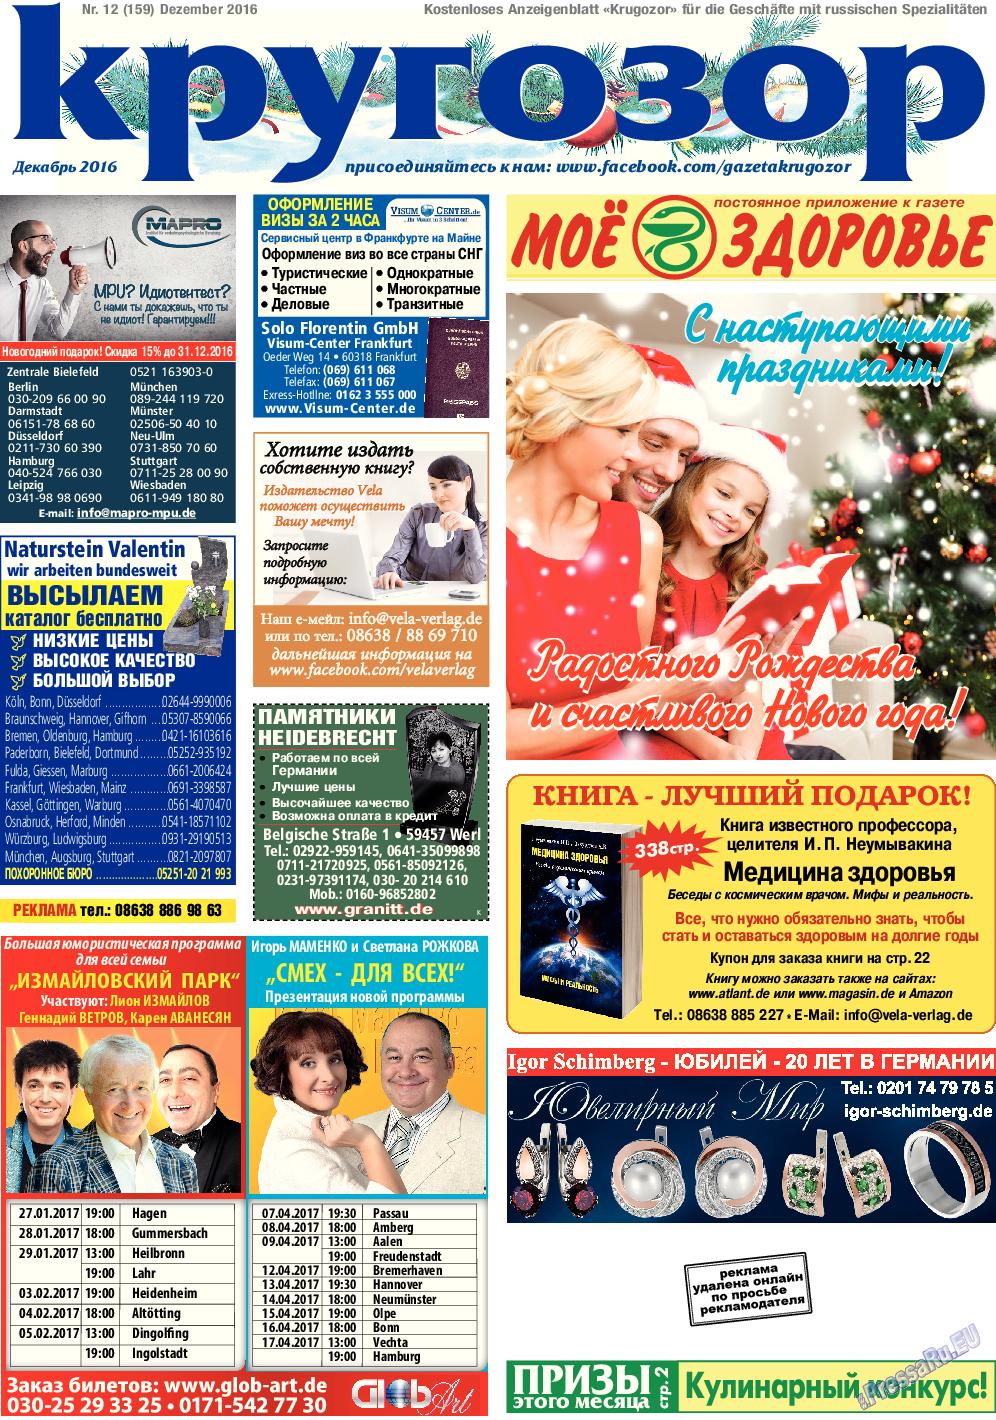 Кругозор (газета). 2016 год, номер 12, стр. 1